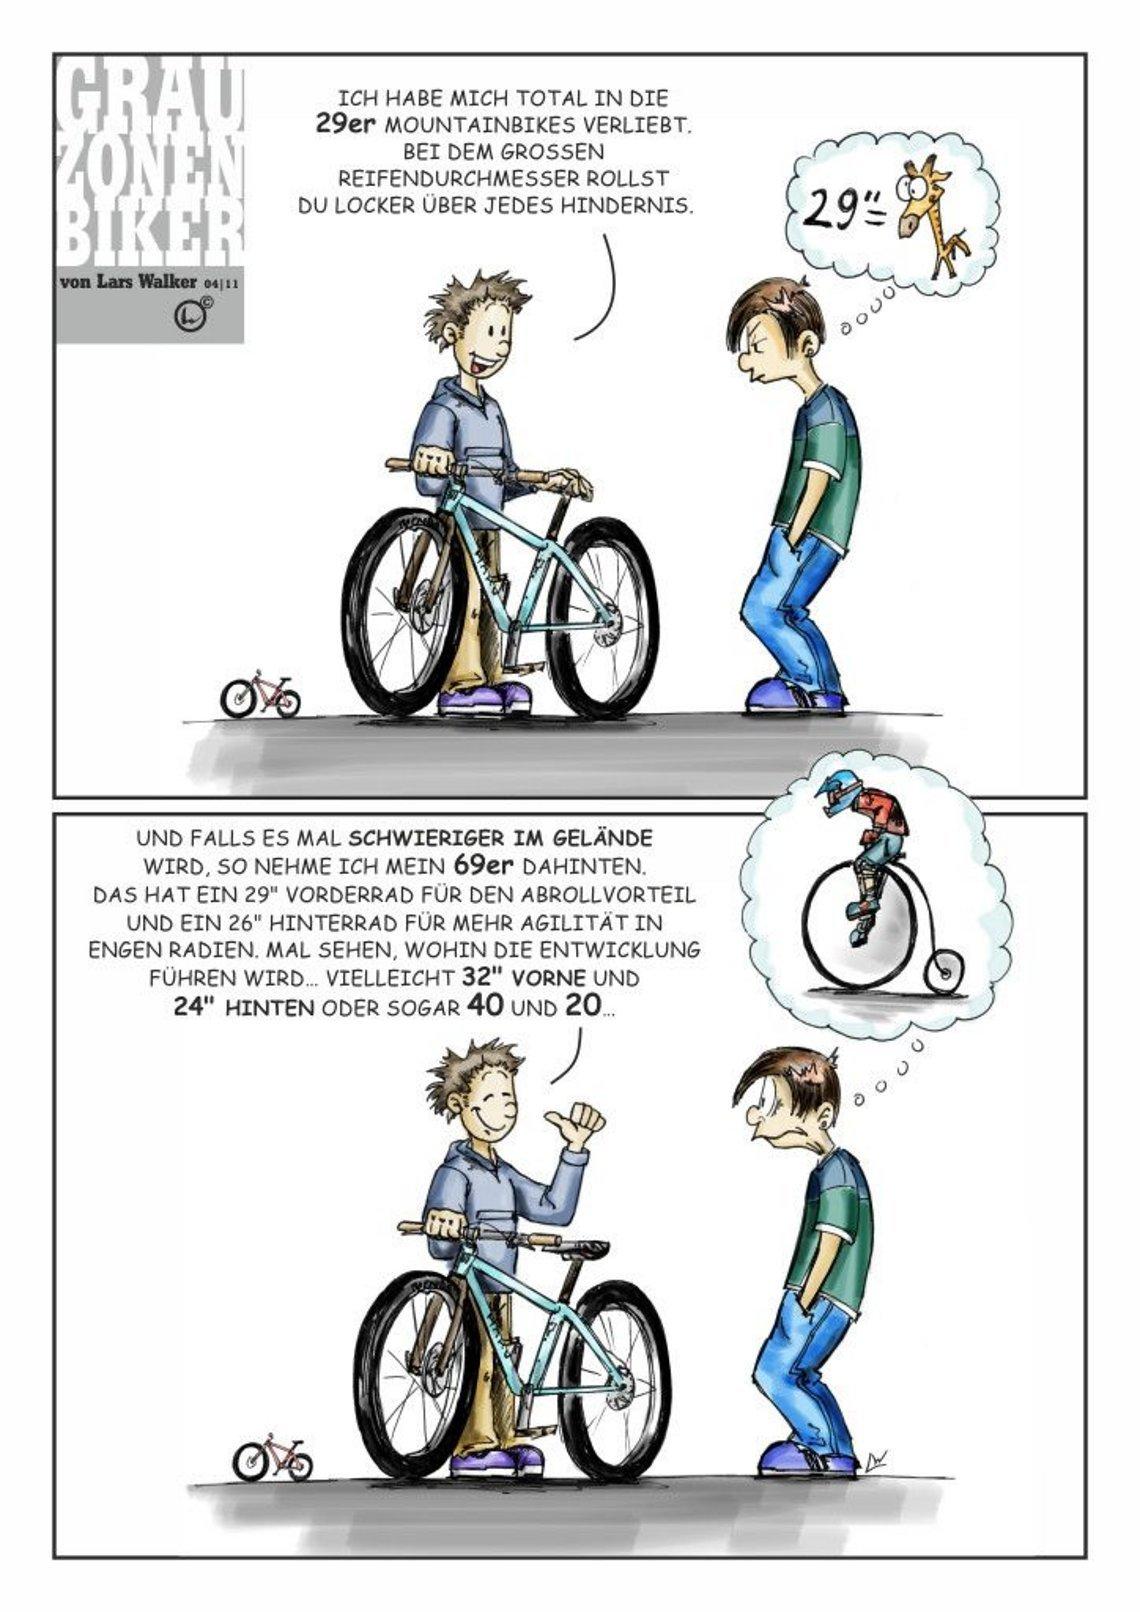 Grauzonenbiker ist unserer Zeit voraus